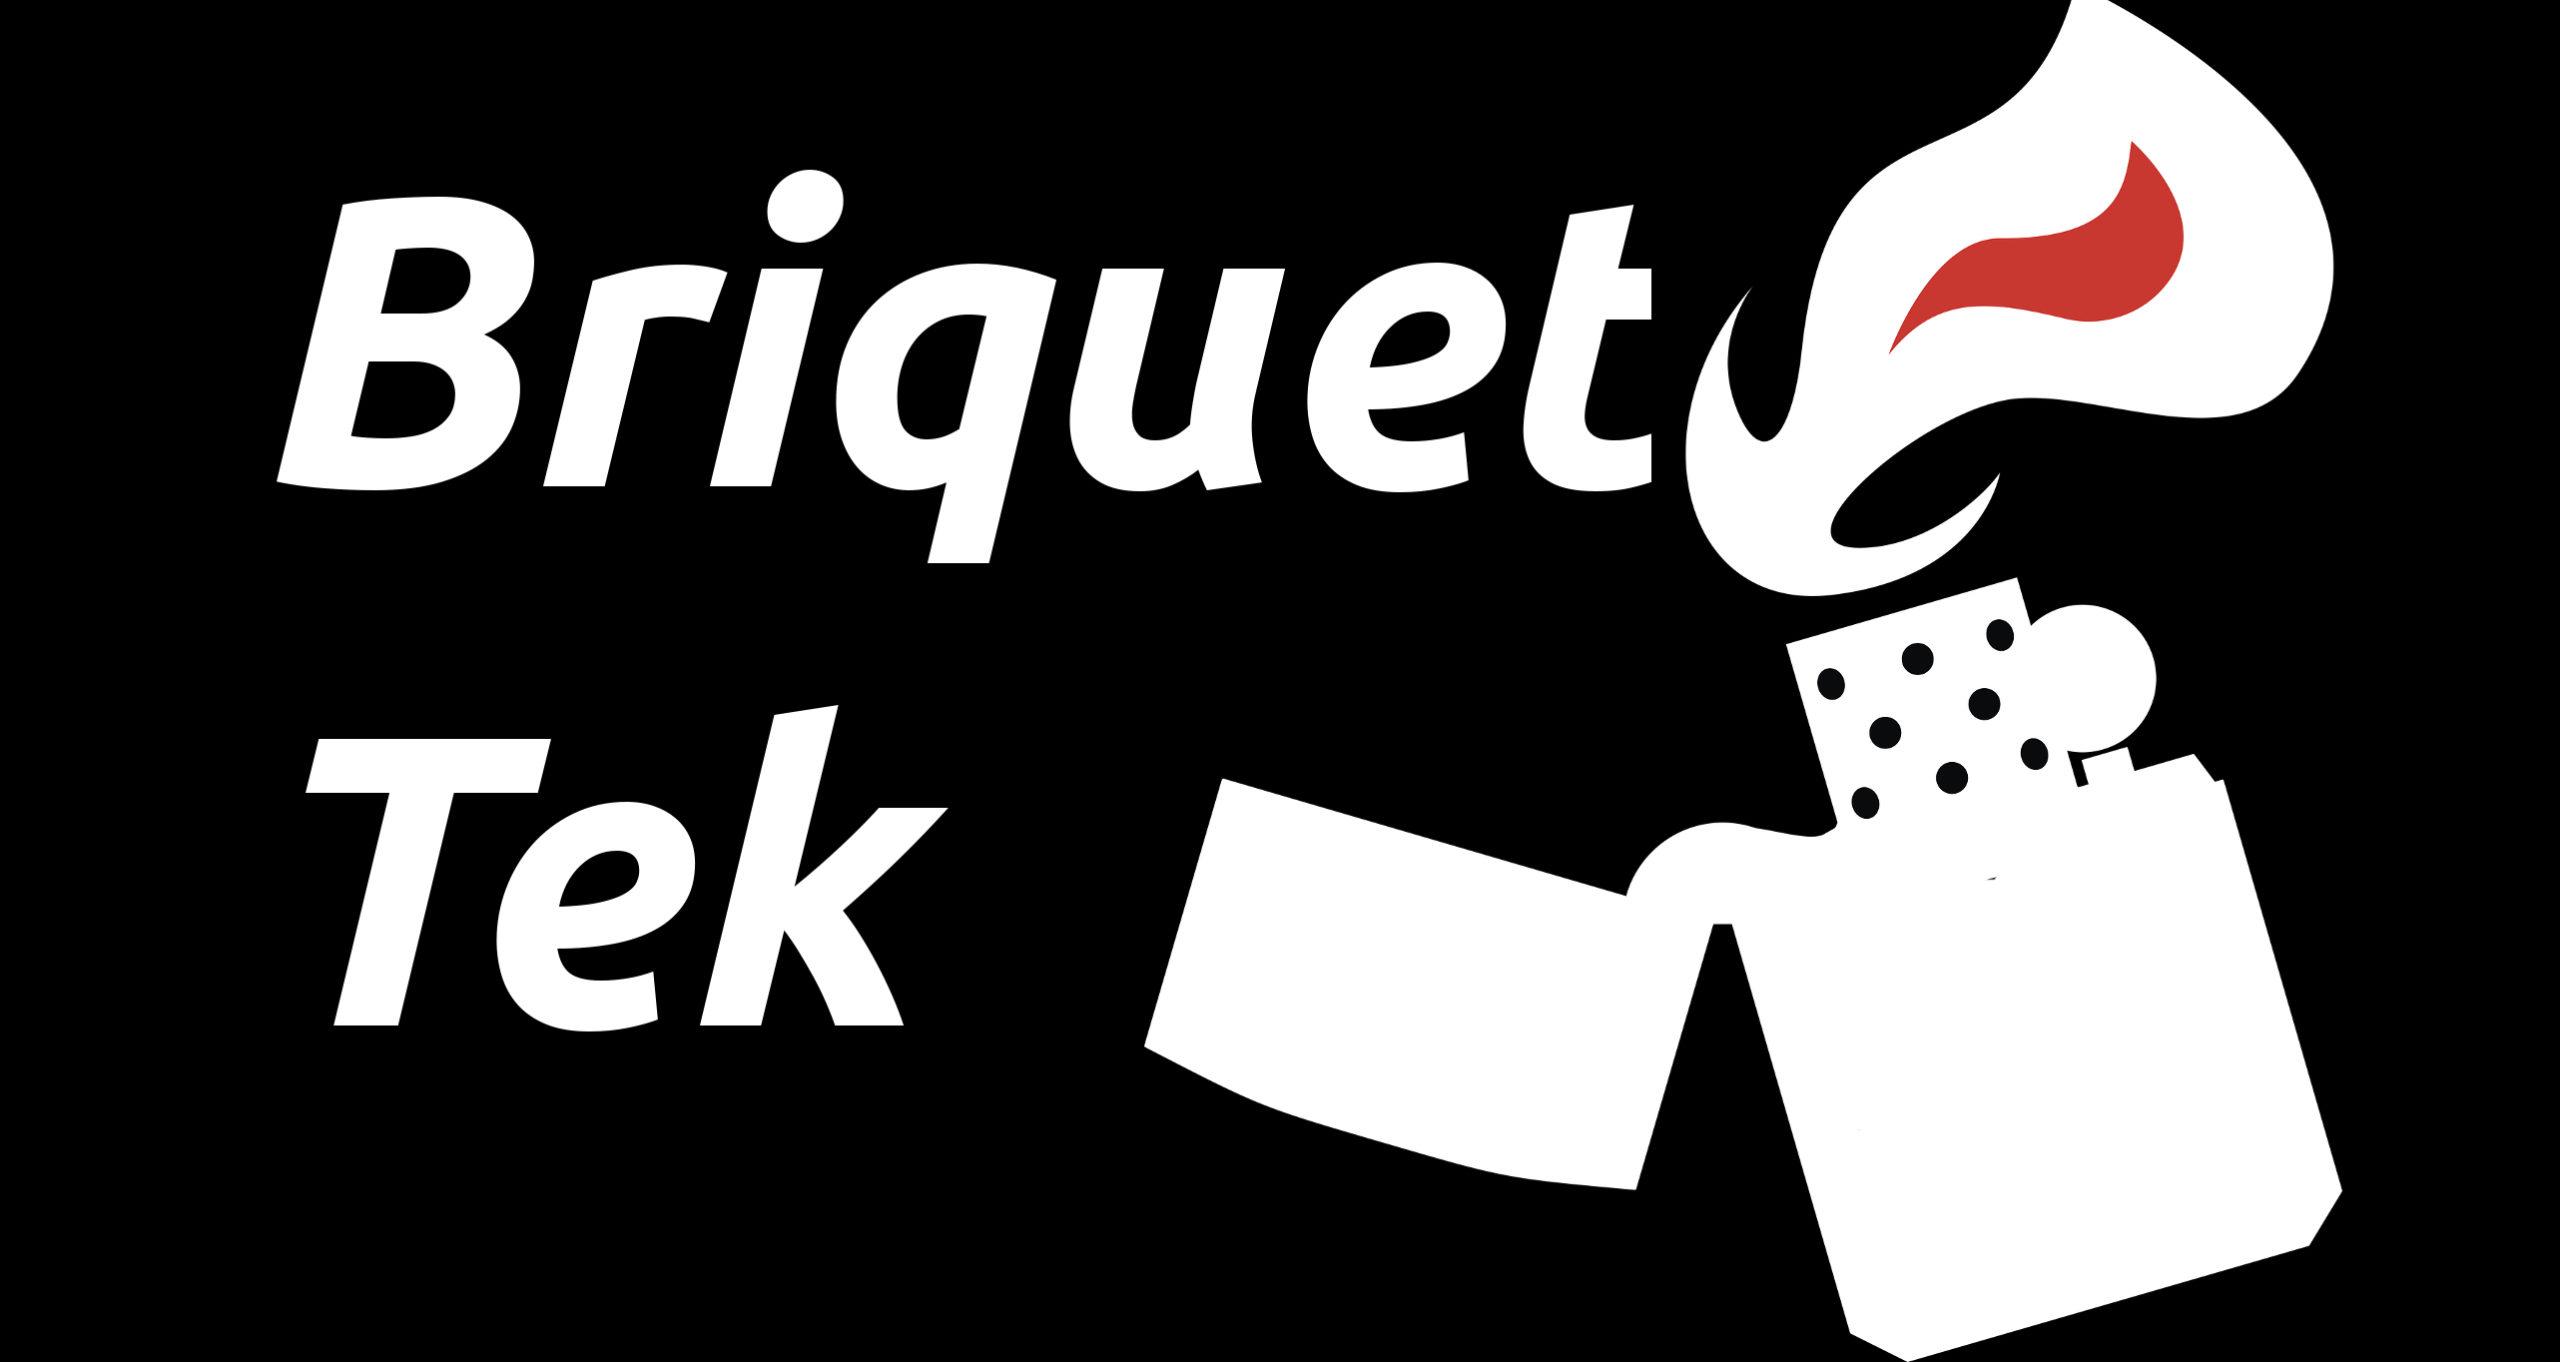 Logo Briquet Tek